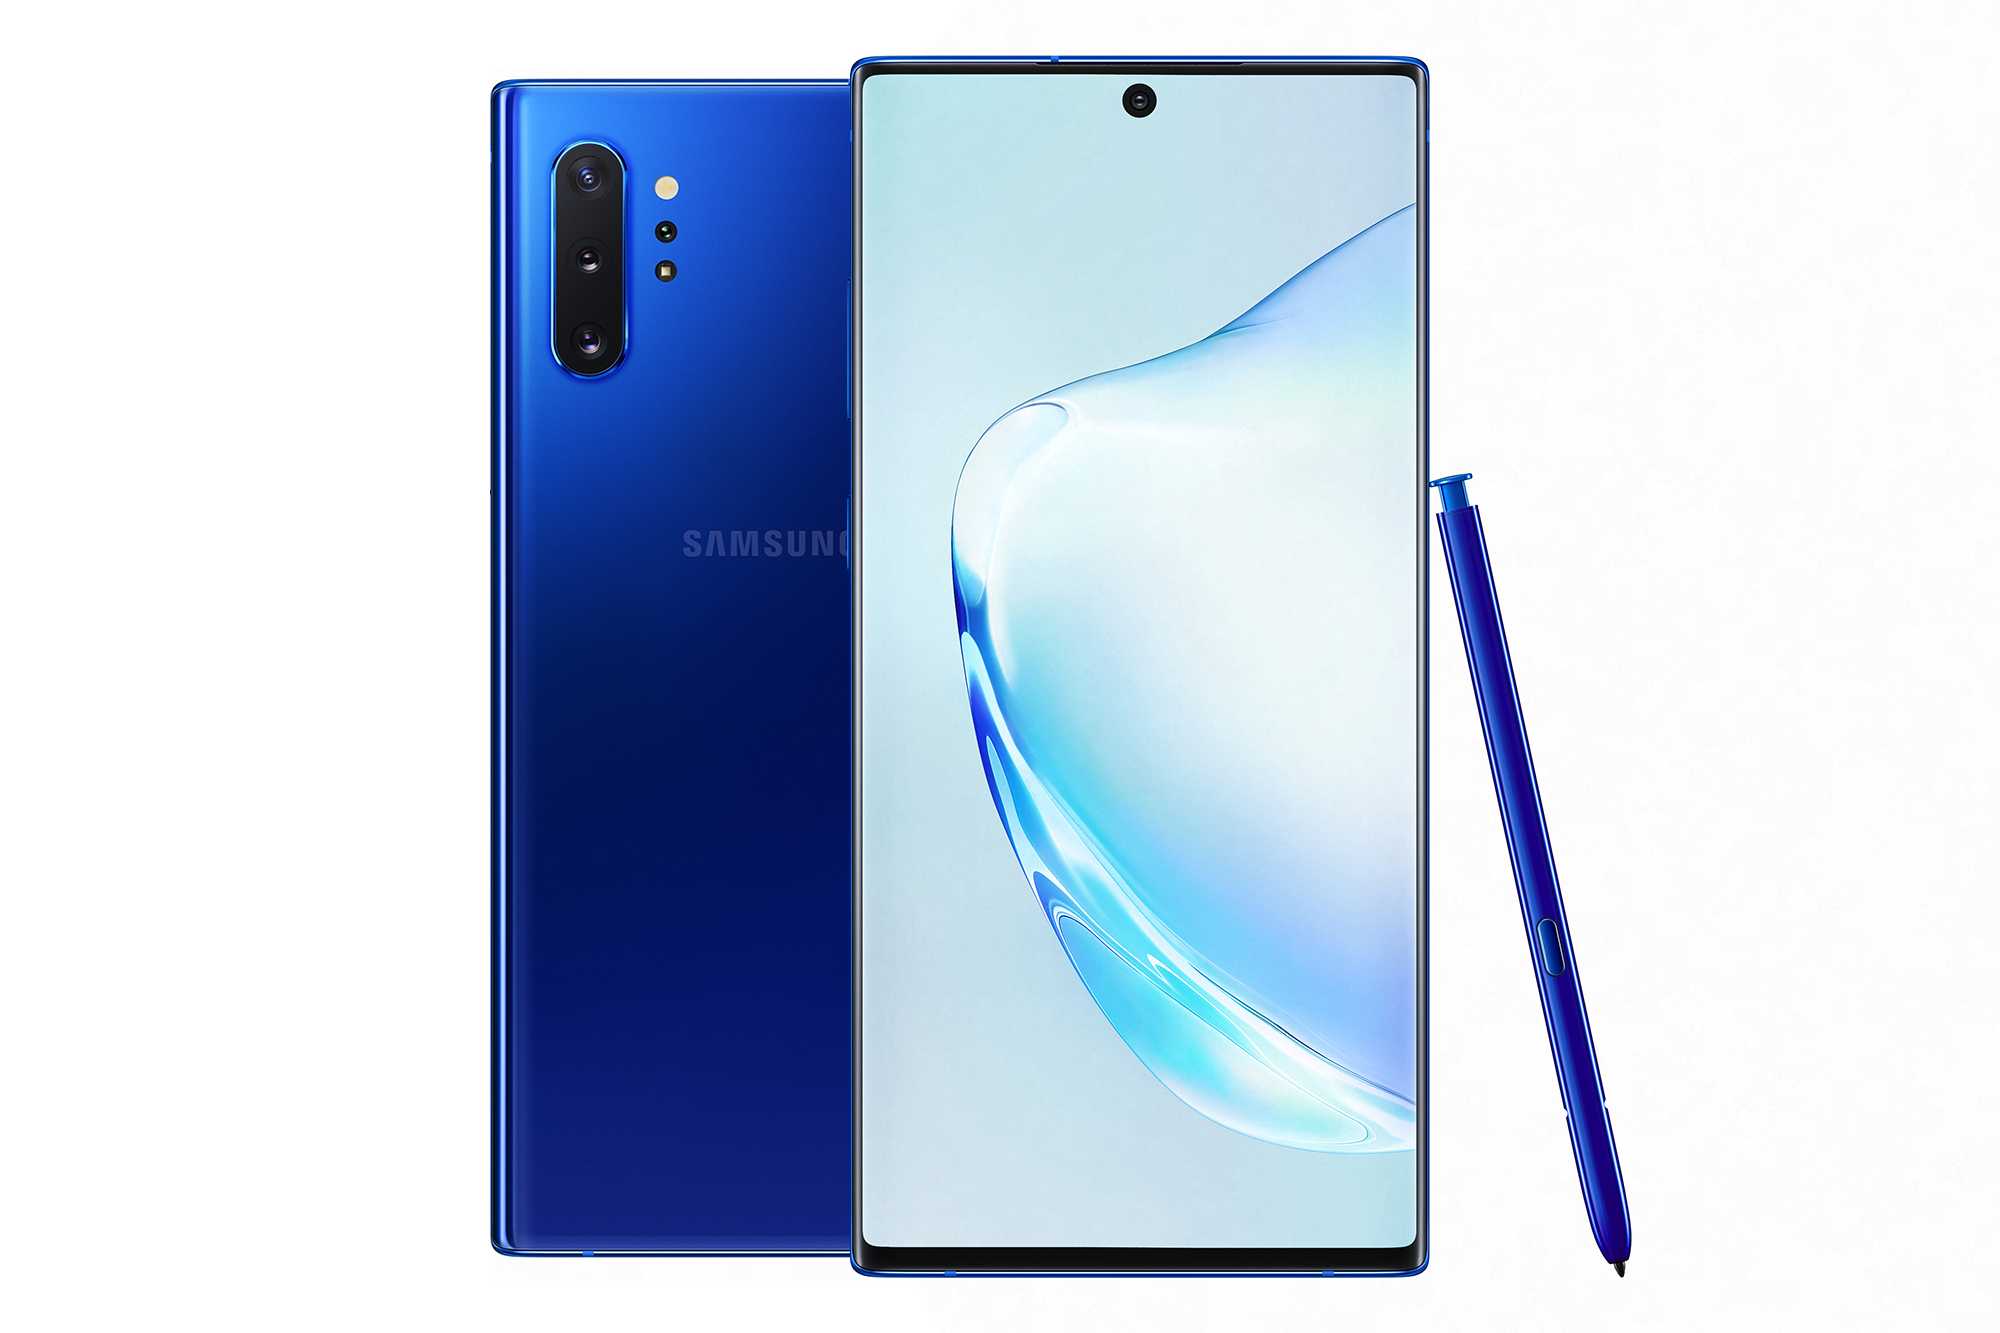 Samsung Galaxy Note 10 Azul Aurora